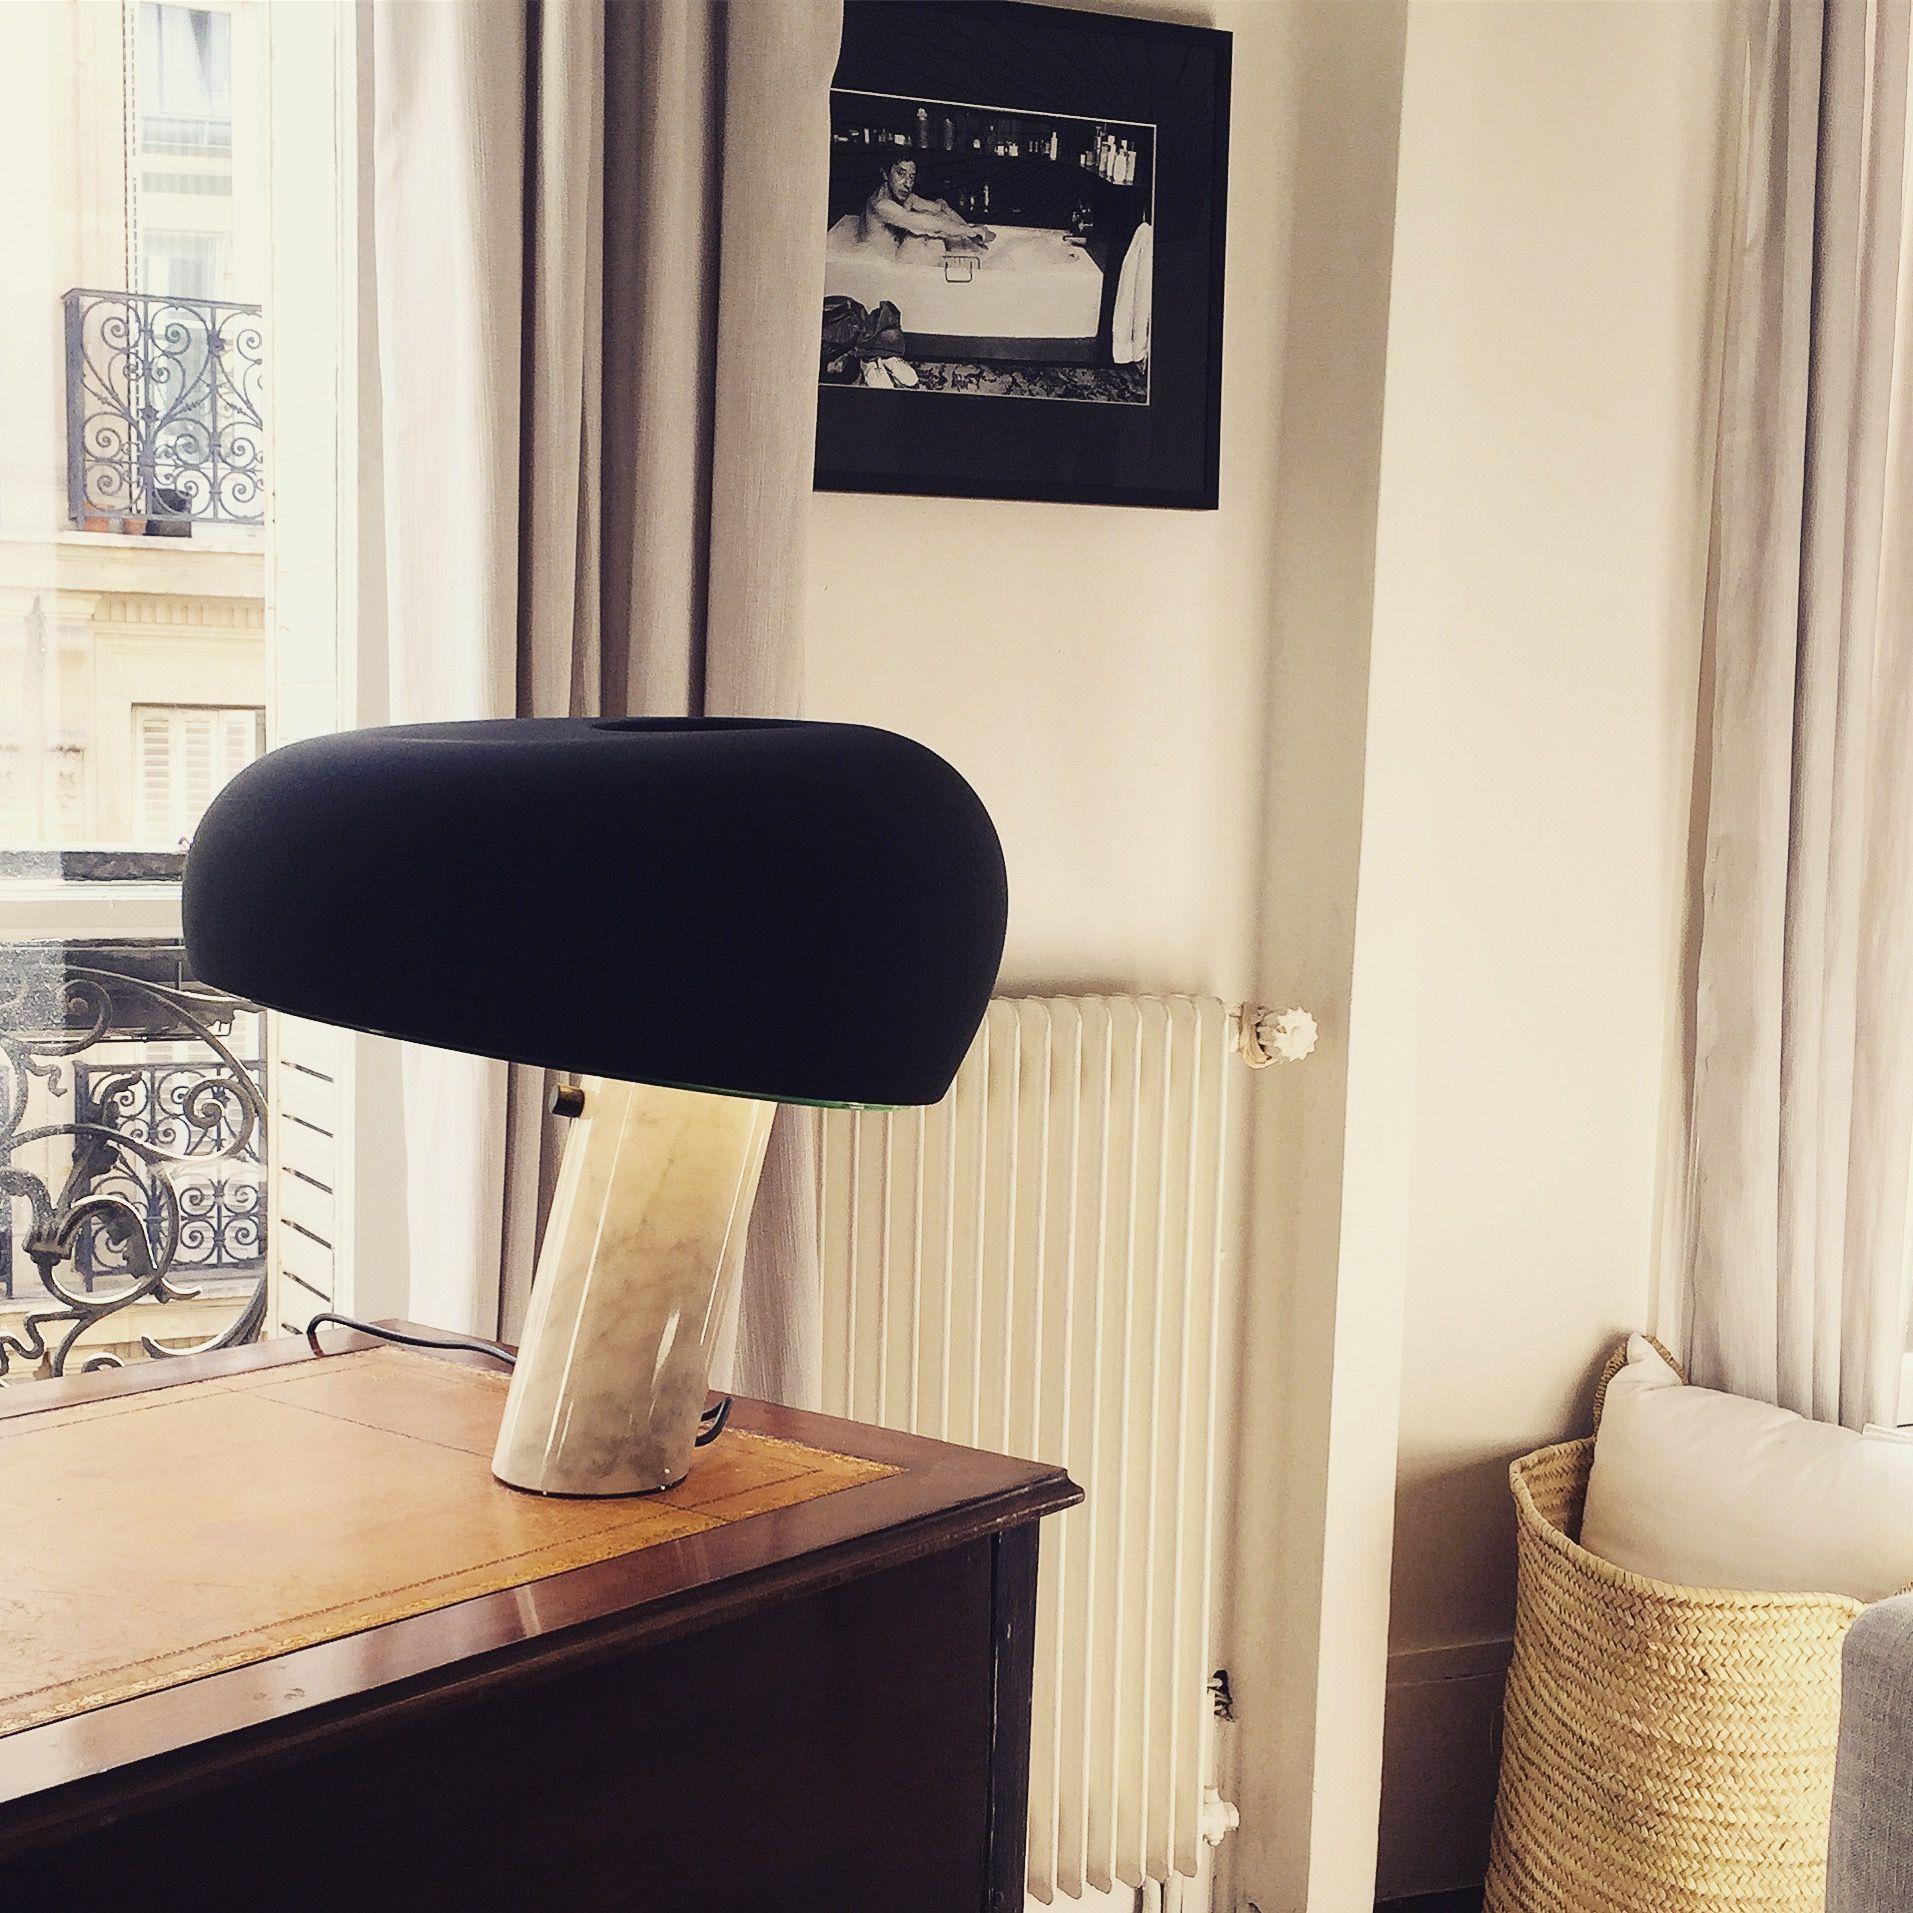 Refaire Salle De Bain Pas Cher ~ lampe snoopy gainsbourg dans son bain un espace bureau dans le